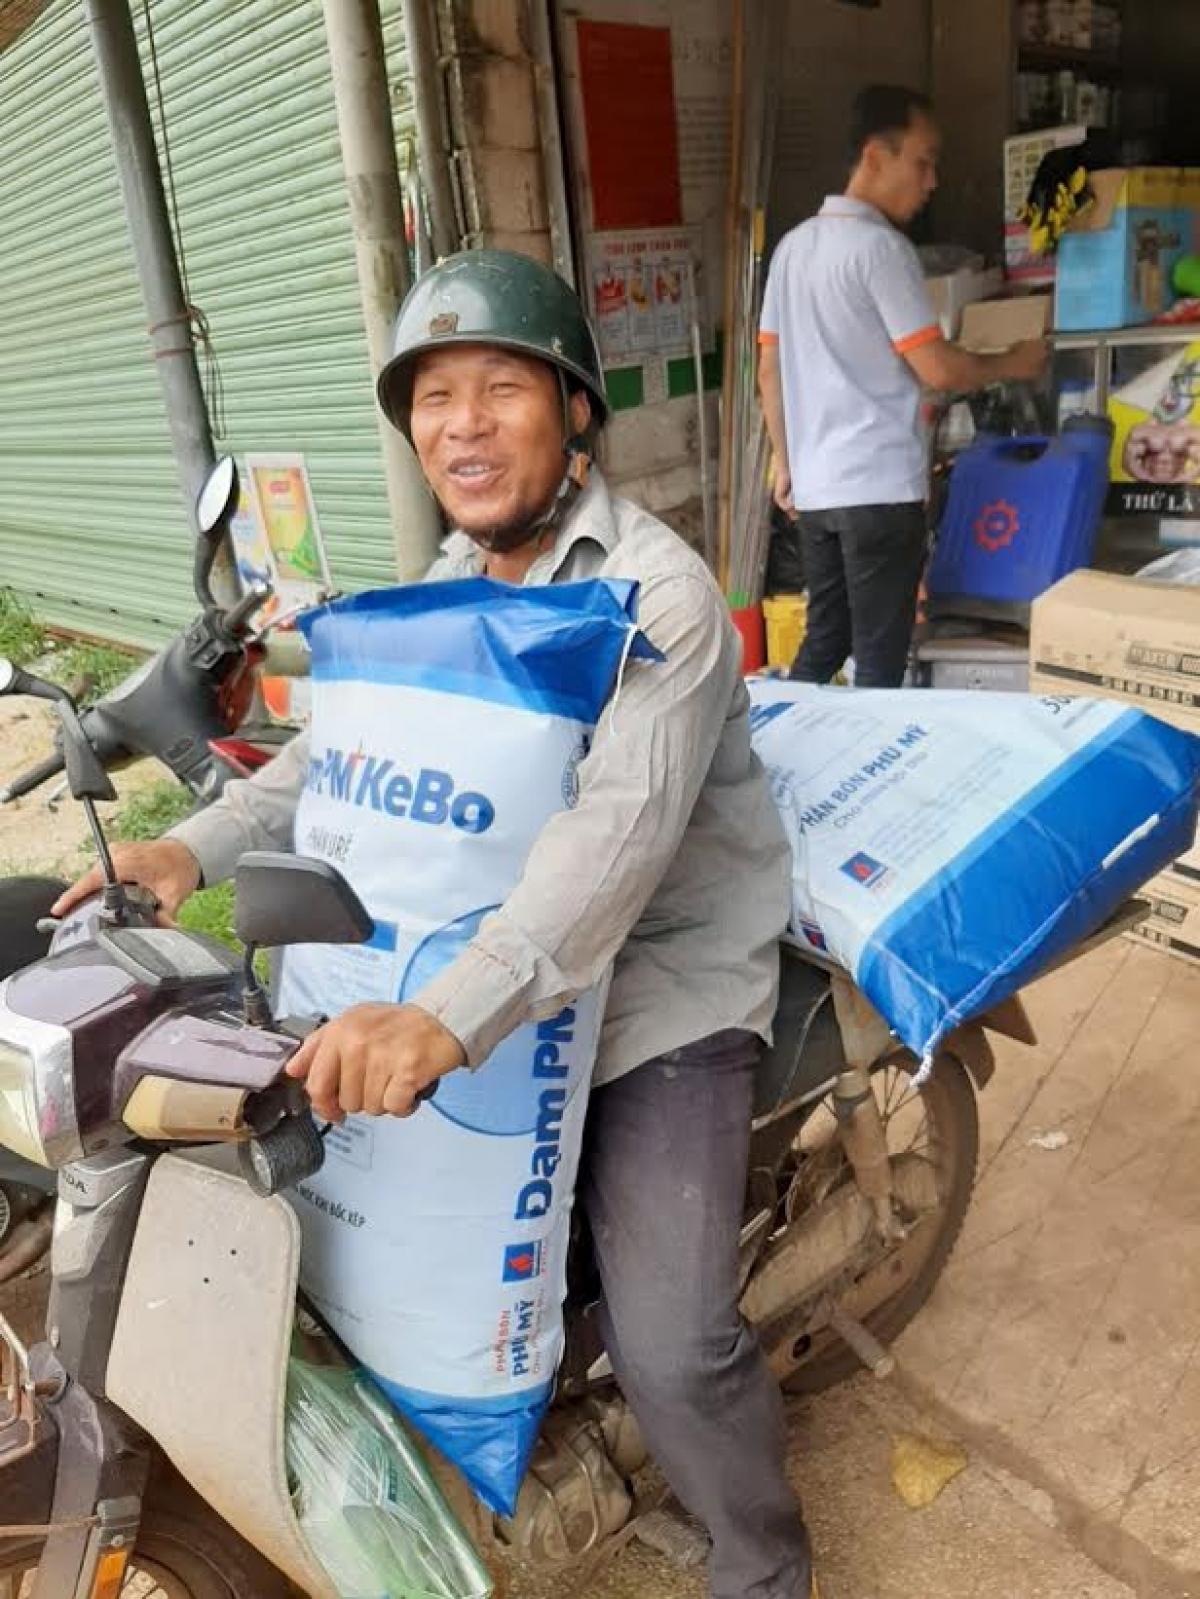 Sản phẩm Đạm Phú Mỹ Kebo được đưa ra thị trường năm 2020 và nhanh chóng được đón nhận.